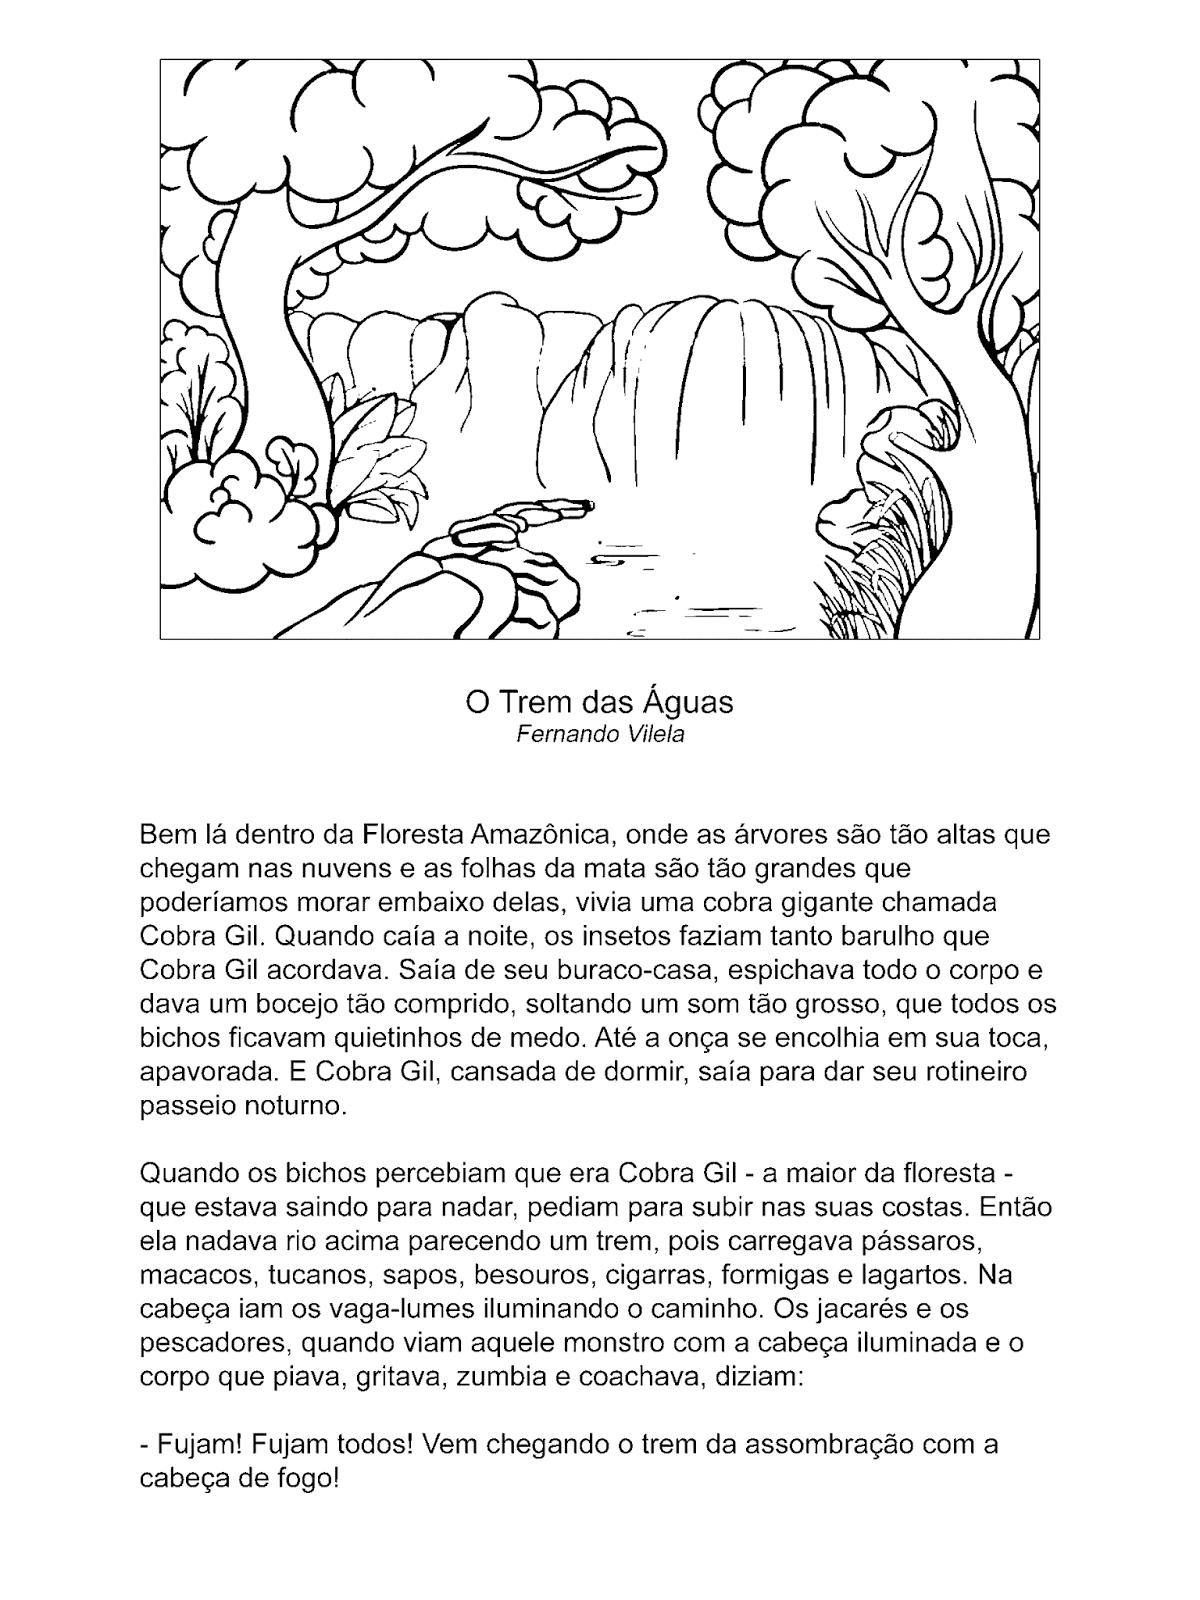 O Trem das Águas  Conto de autoria de Fernando Vilela sobre a gigante Cobra Gil que vivia na Floresta Amazônica.